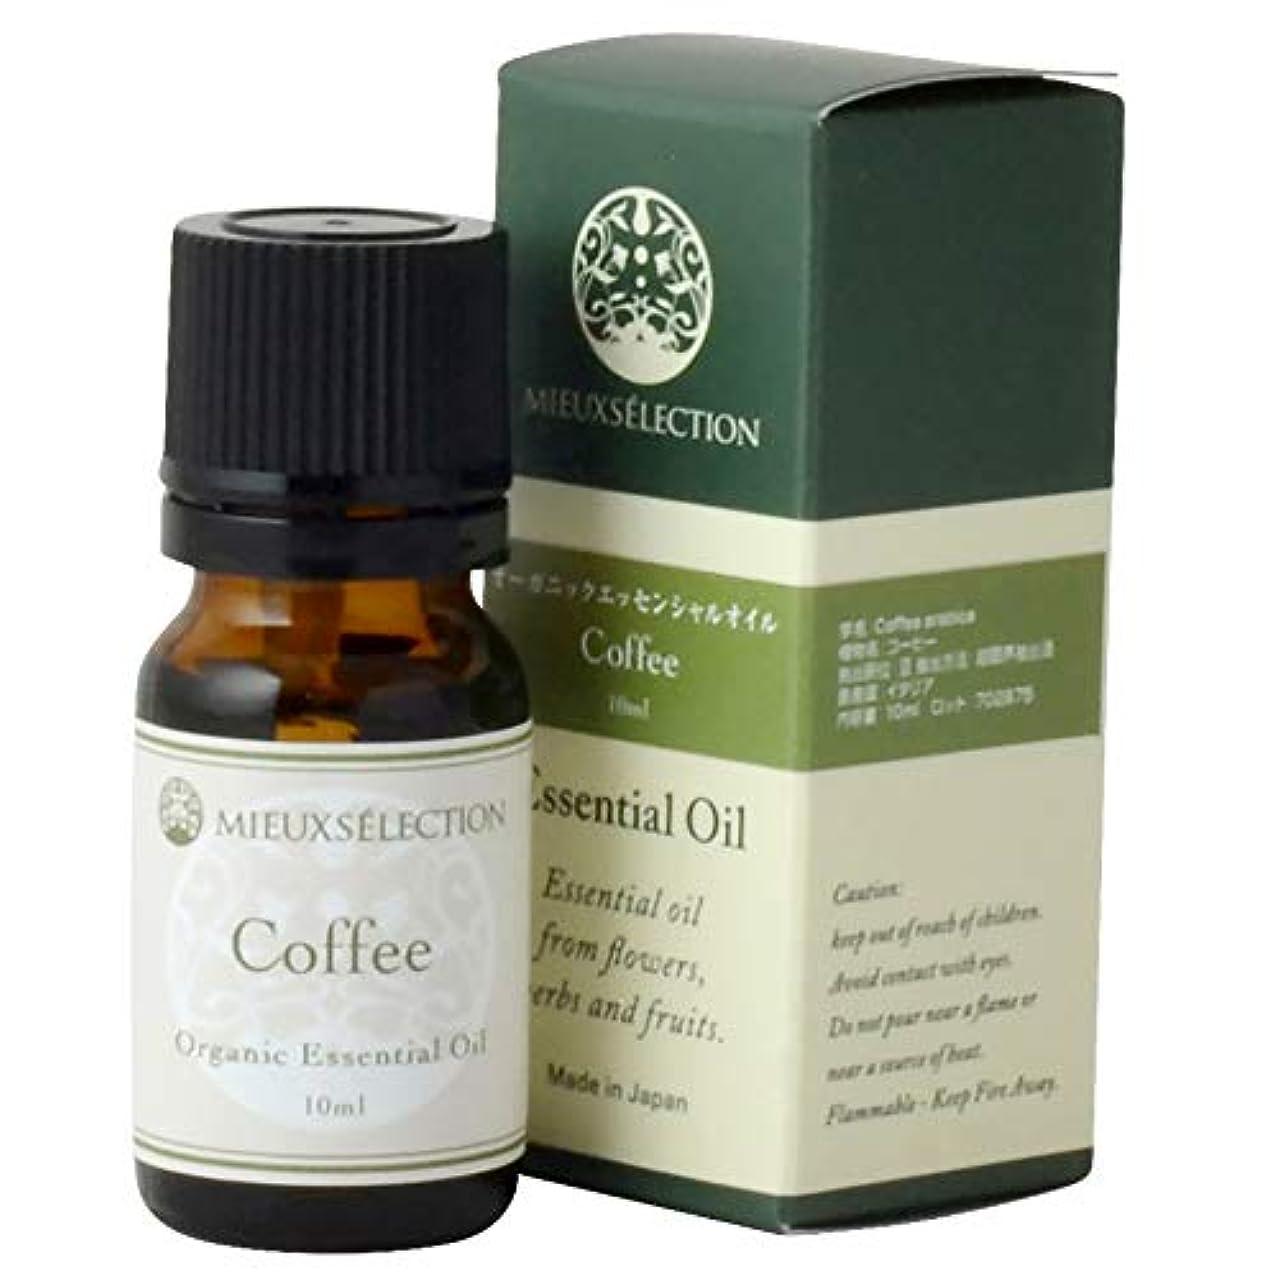 物理学者世論調査有益なオーガニックCO2エキストラクト コーヒー 10ml